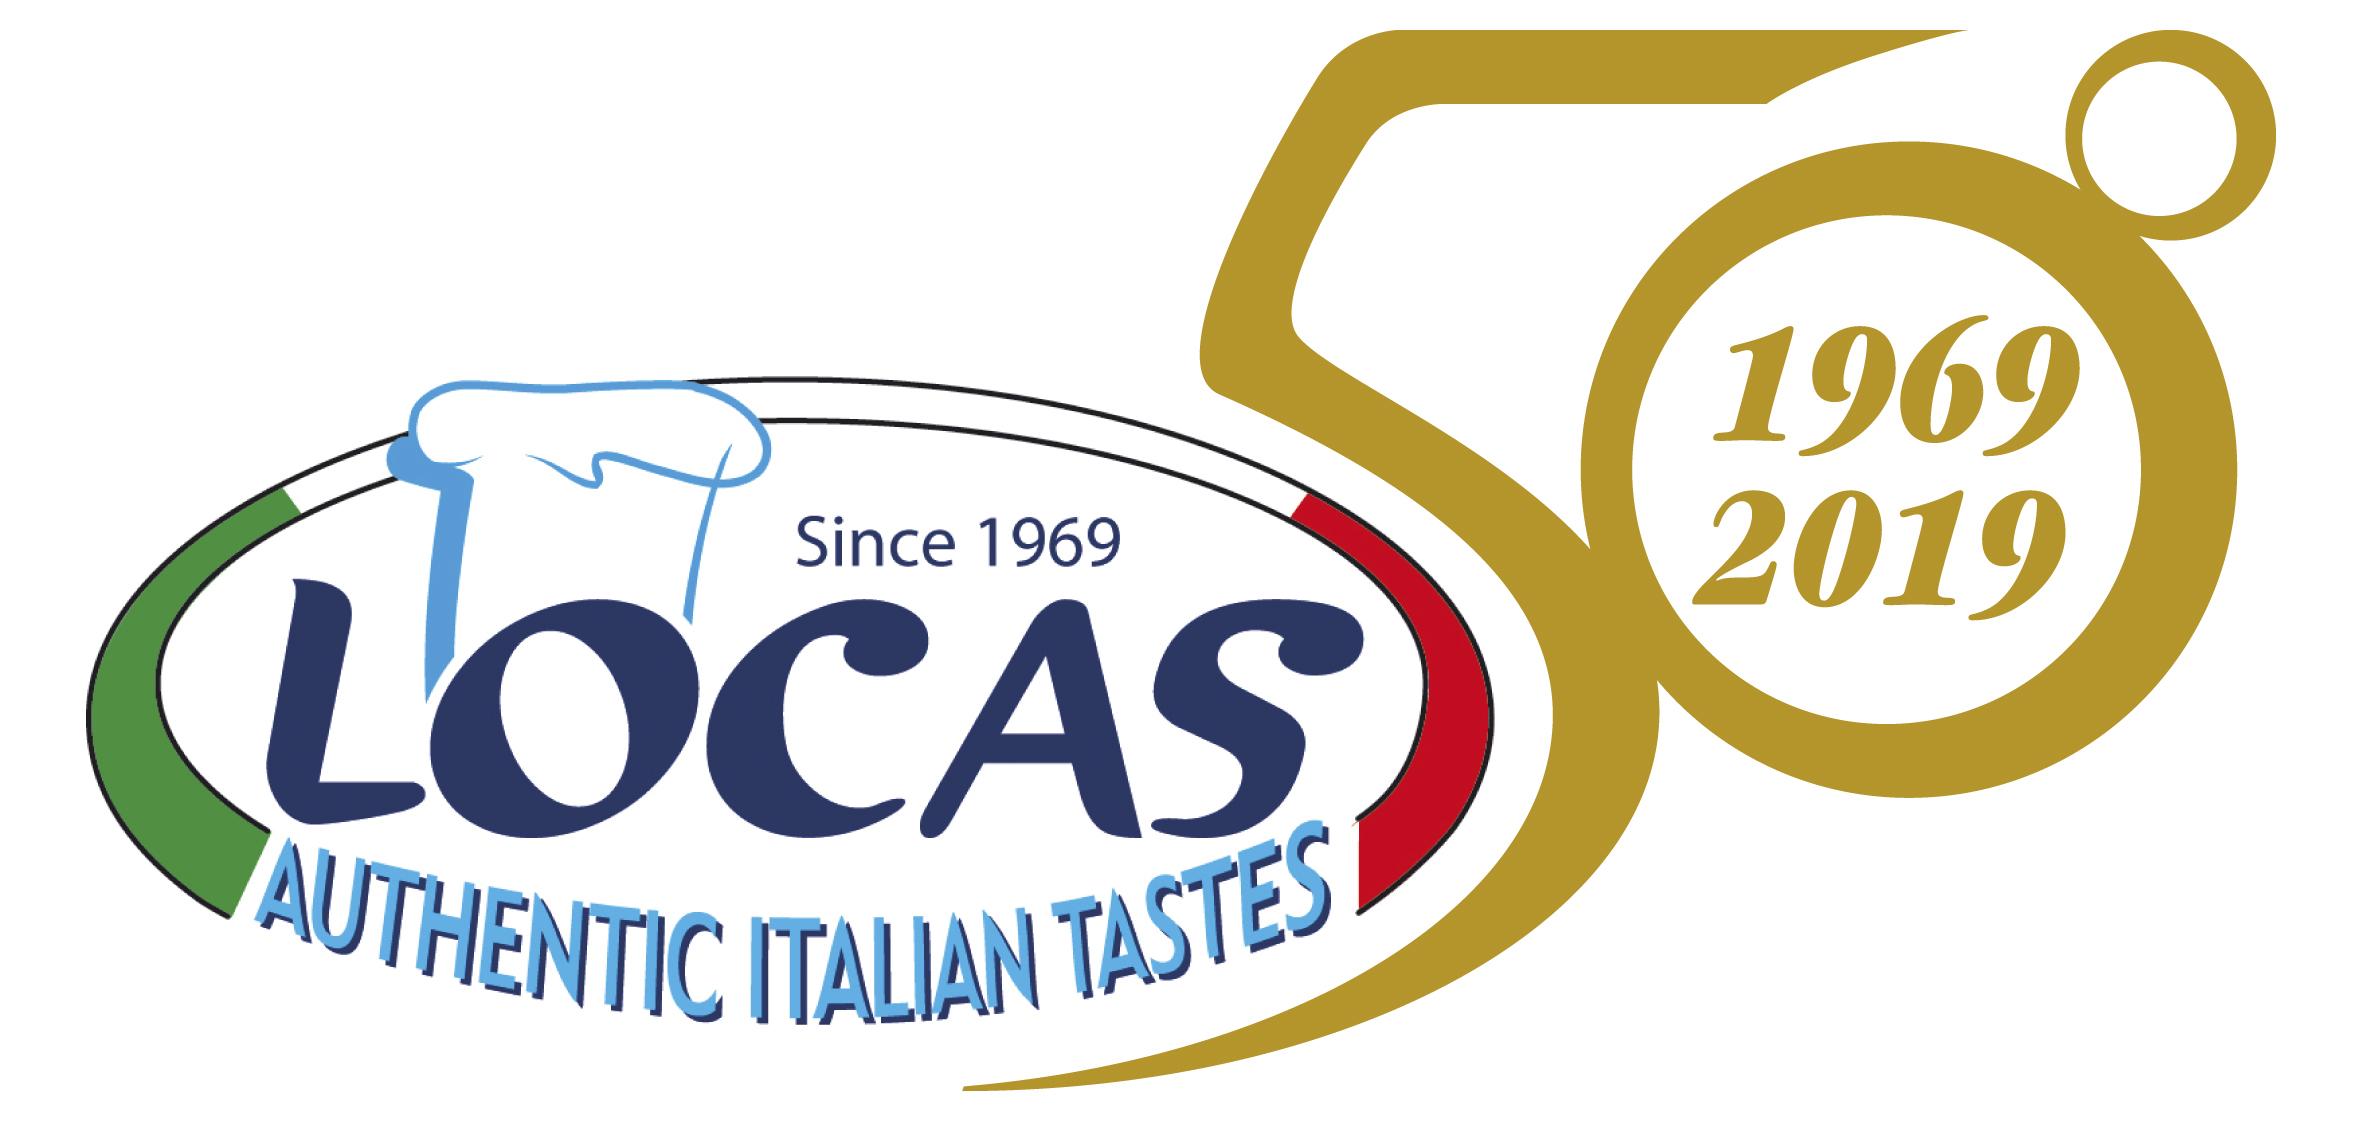 LOCAS COLPO S.SNC DI FAVILLI M.&C./ logo